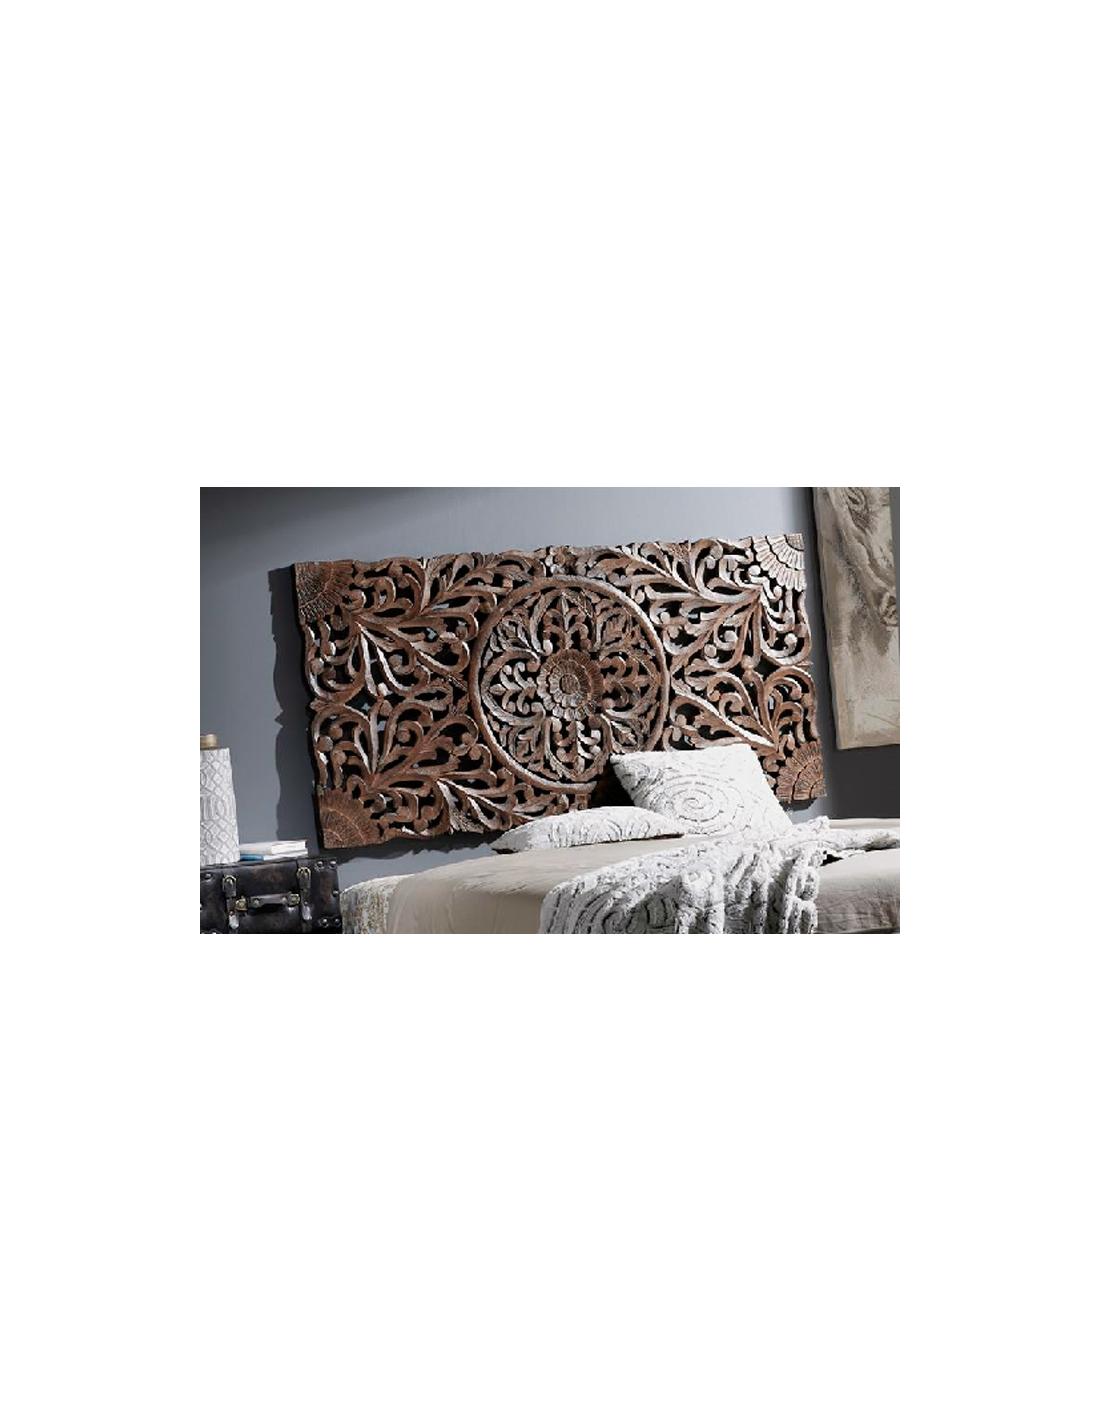 Comprar cabecero de madera tallada de estilo tnico de - Cabecero madera tallada ...